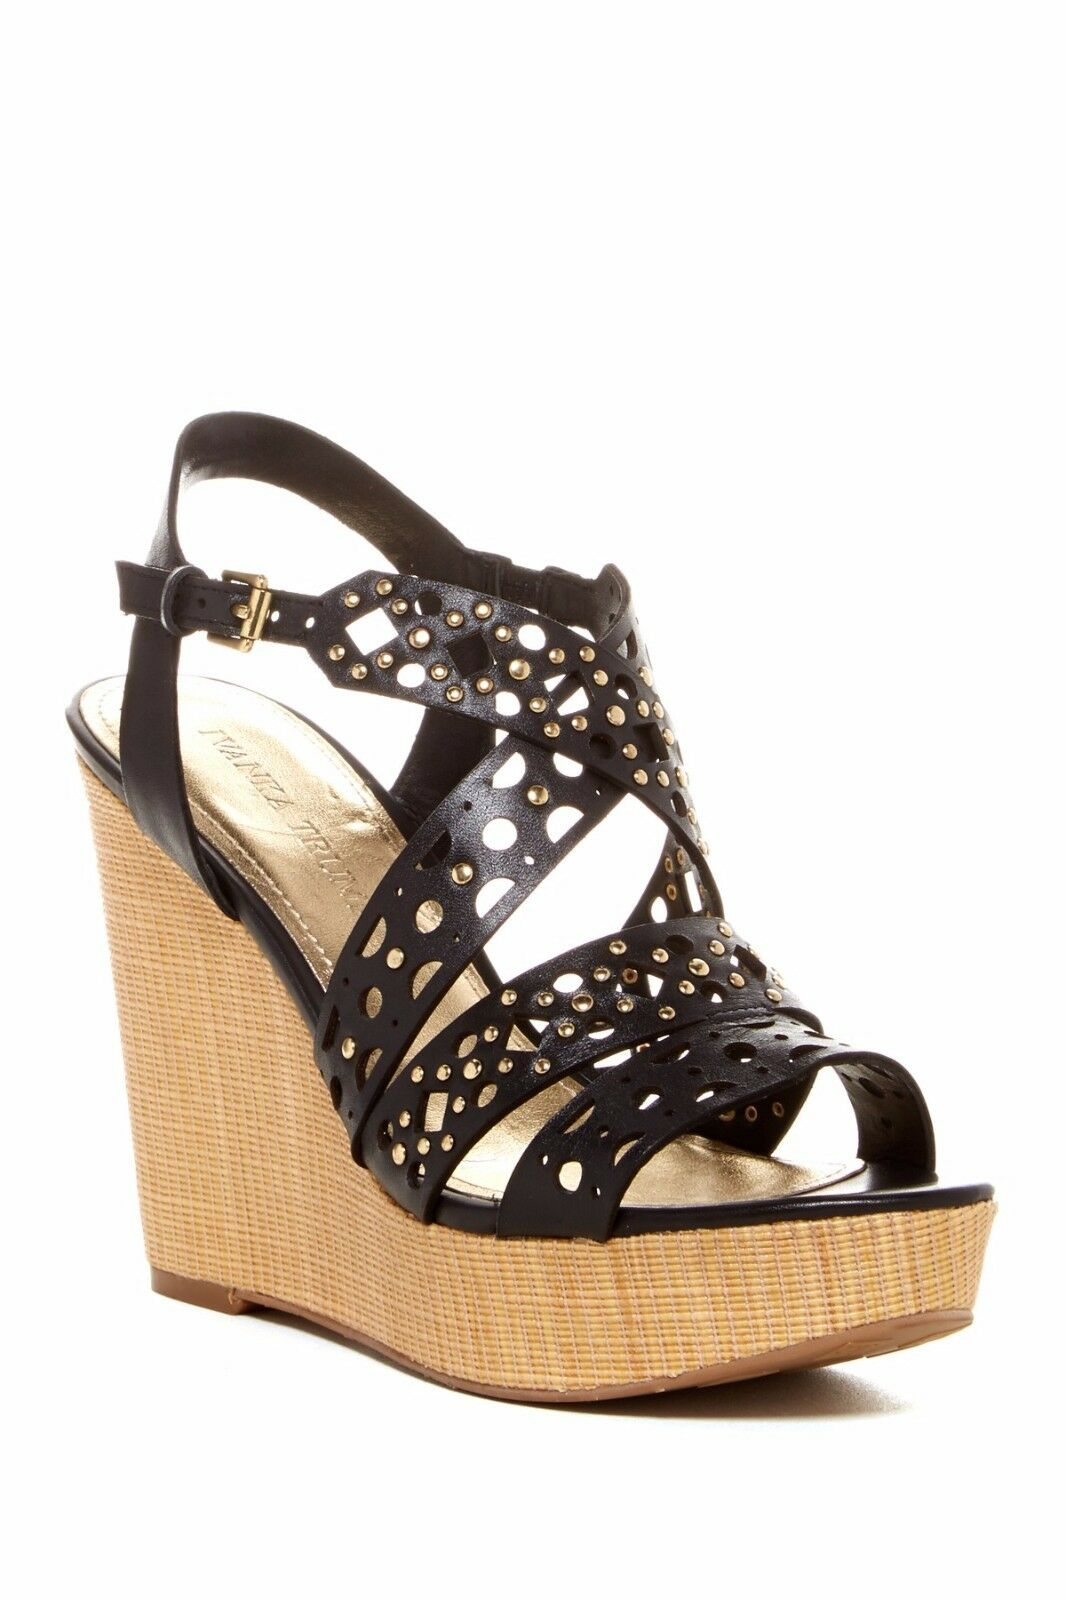 NIB $145 Ivanka Trump Halera Black Leather Perforated Wedge Sandal Heels 9 & 9.5